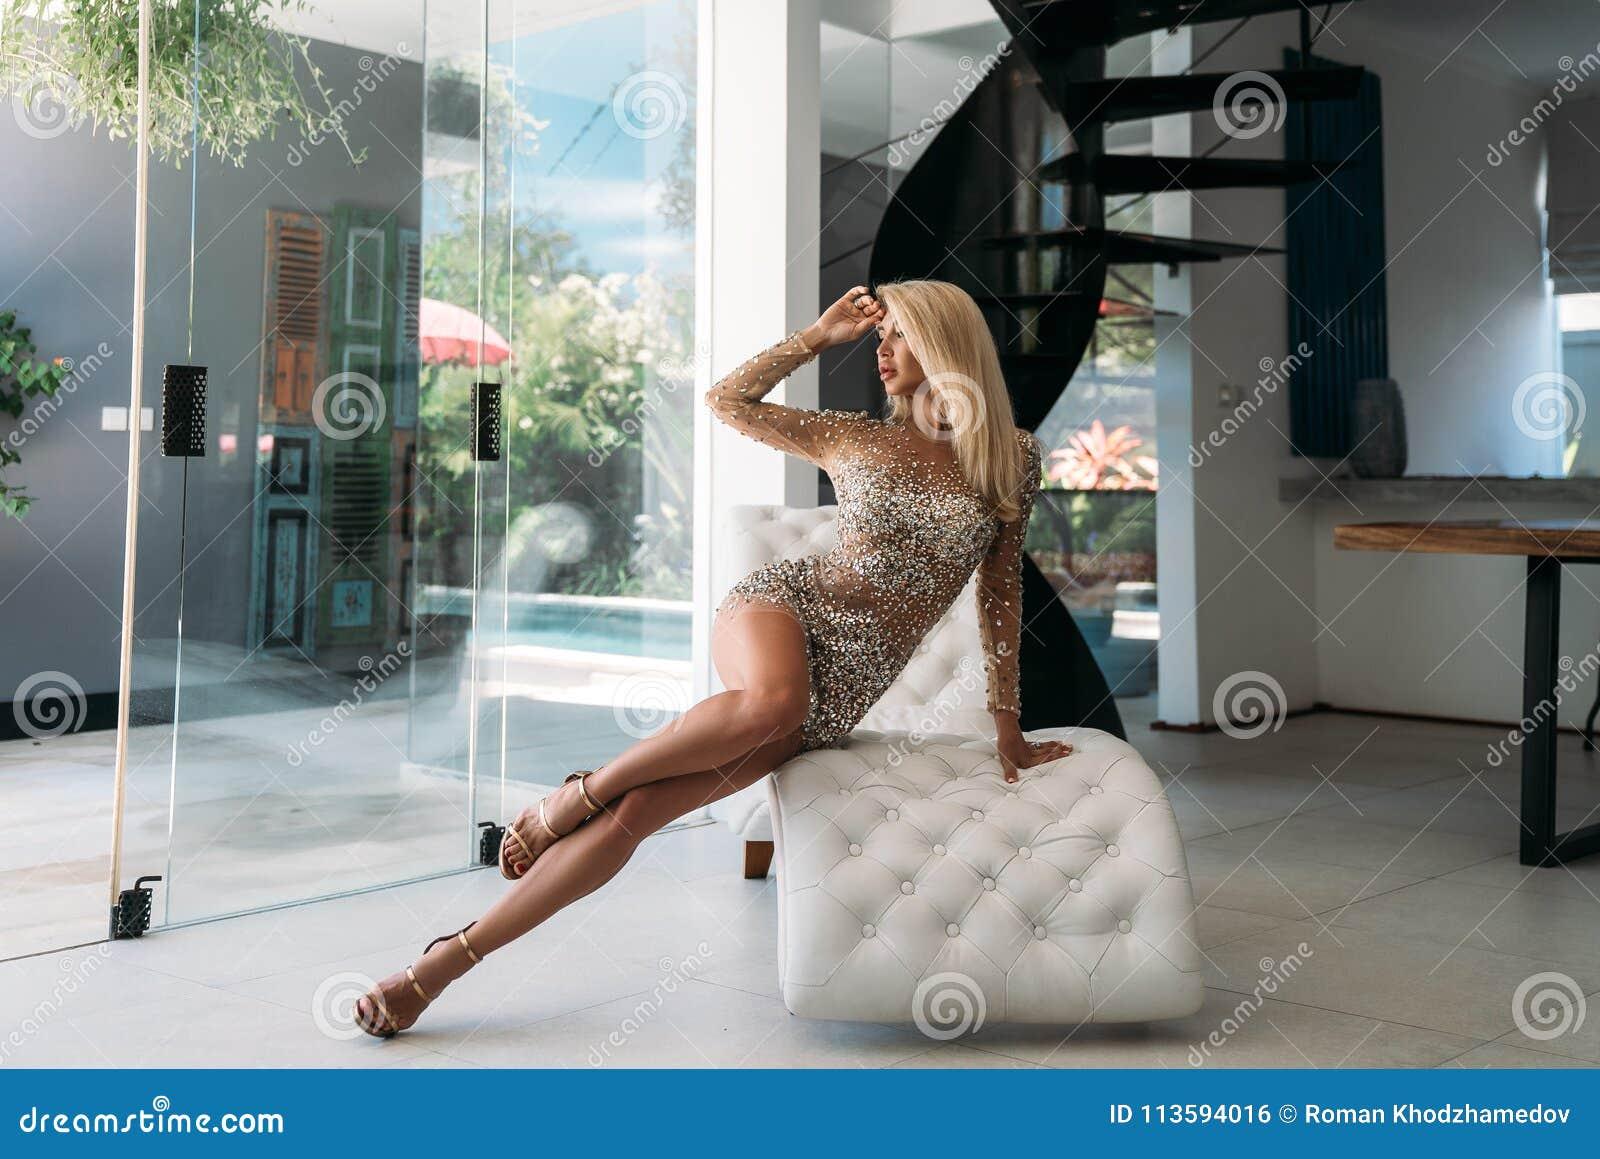 En trevlig flicka med ett härligt diagram i en kort skinande klänning vilar på en vit stilfull soffa i studion Stående av